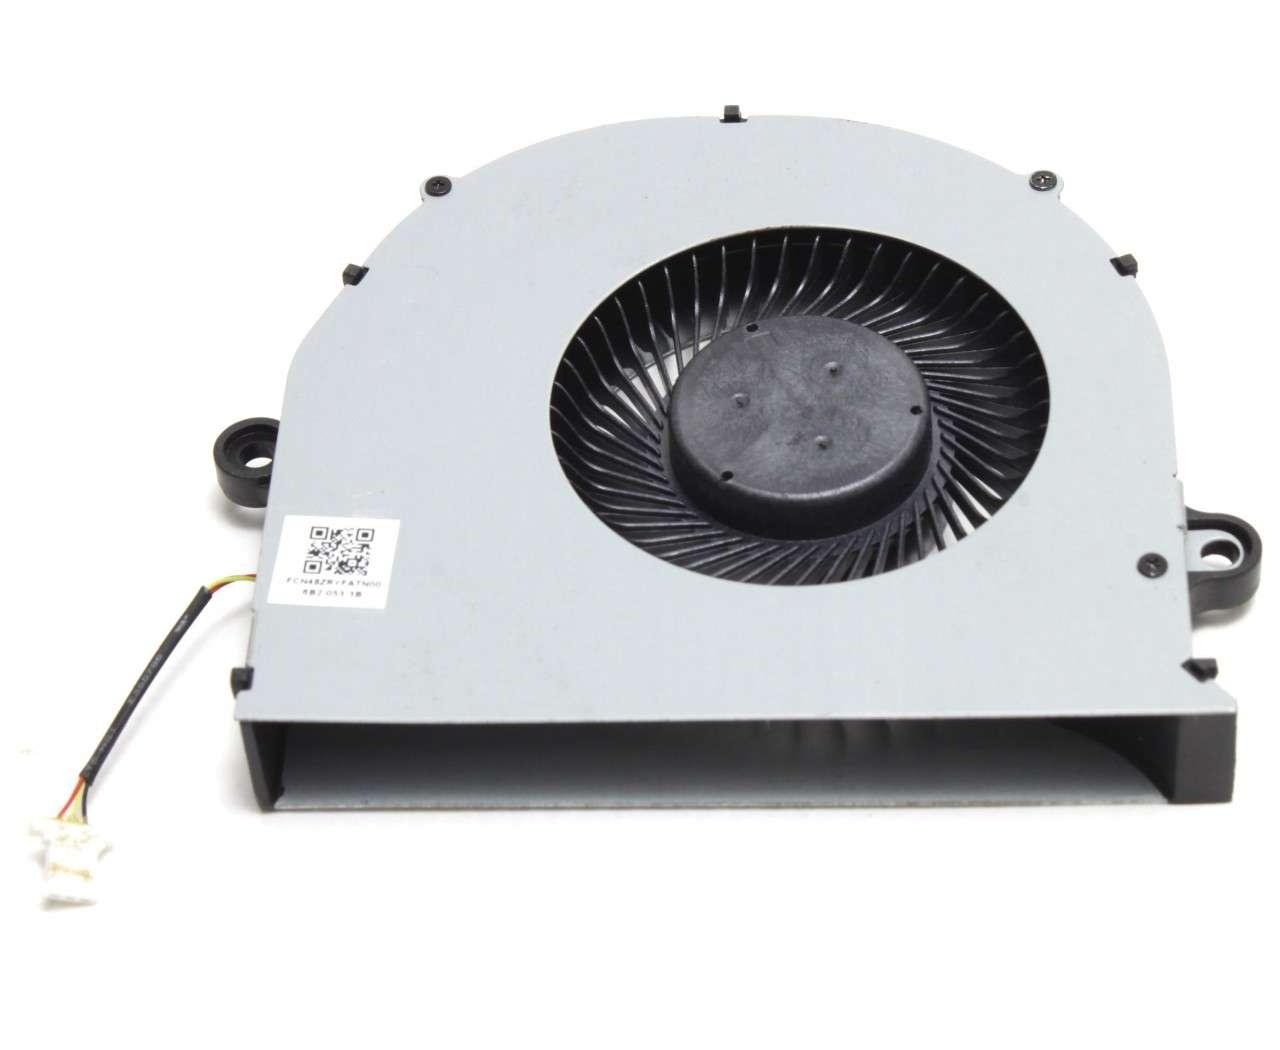 Cooler laptop Acer Extensa 2511-34PG 12mm grosime imagine powerlaptop.ro 2021